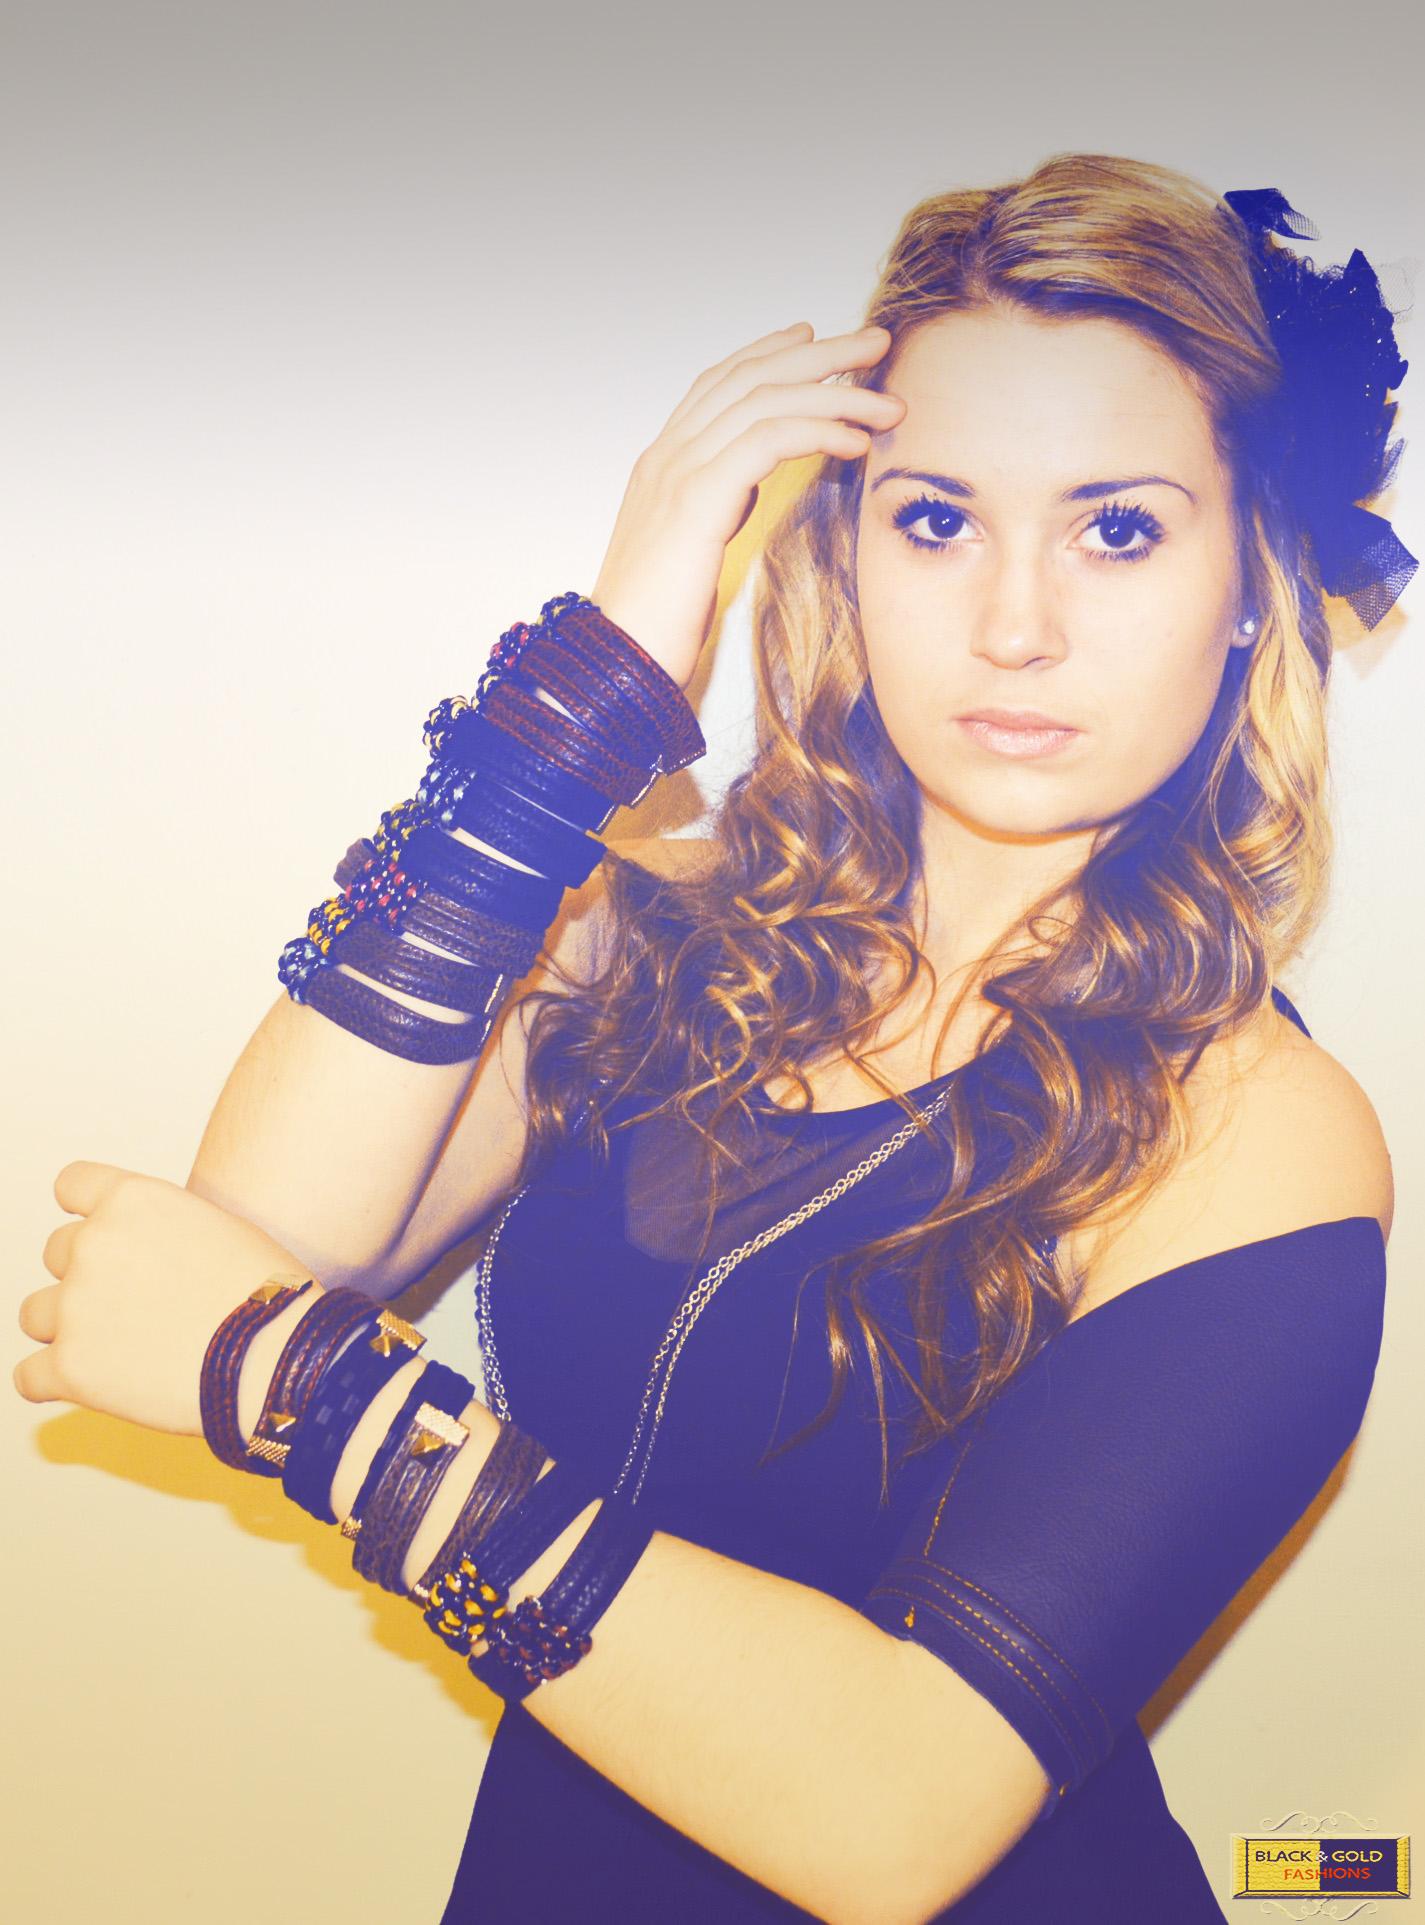 (Model) Black & Gold Fashions -Rachel Fashion Photoshoot (2).jpg